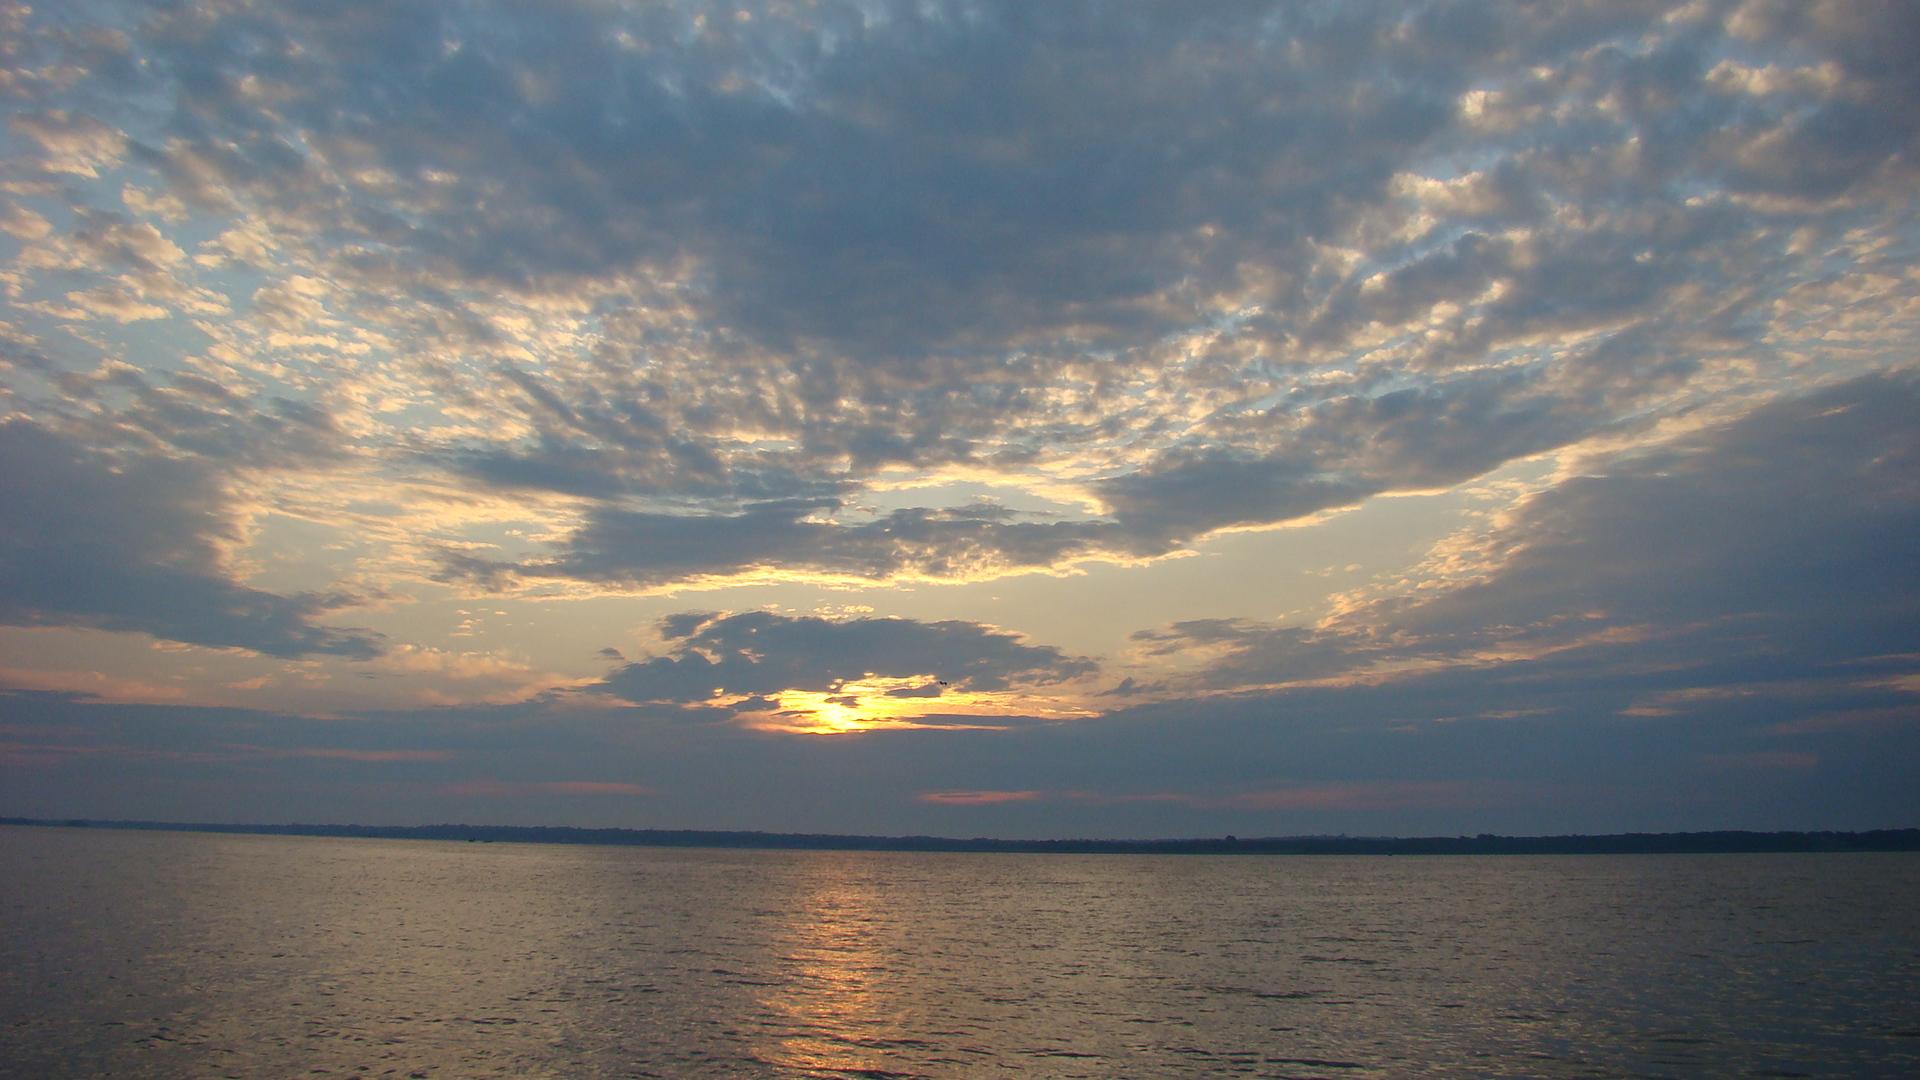 Sunrise over Naragansett Bay.